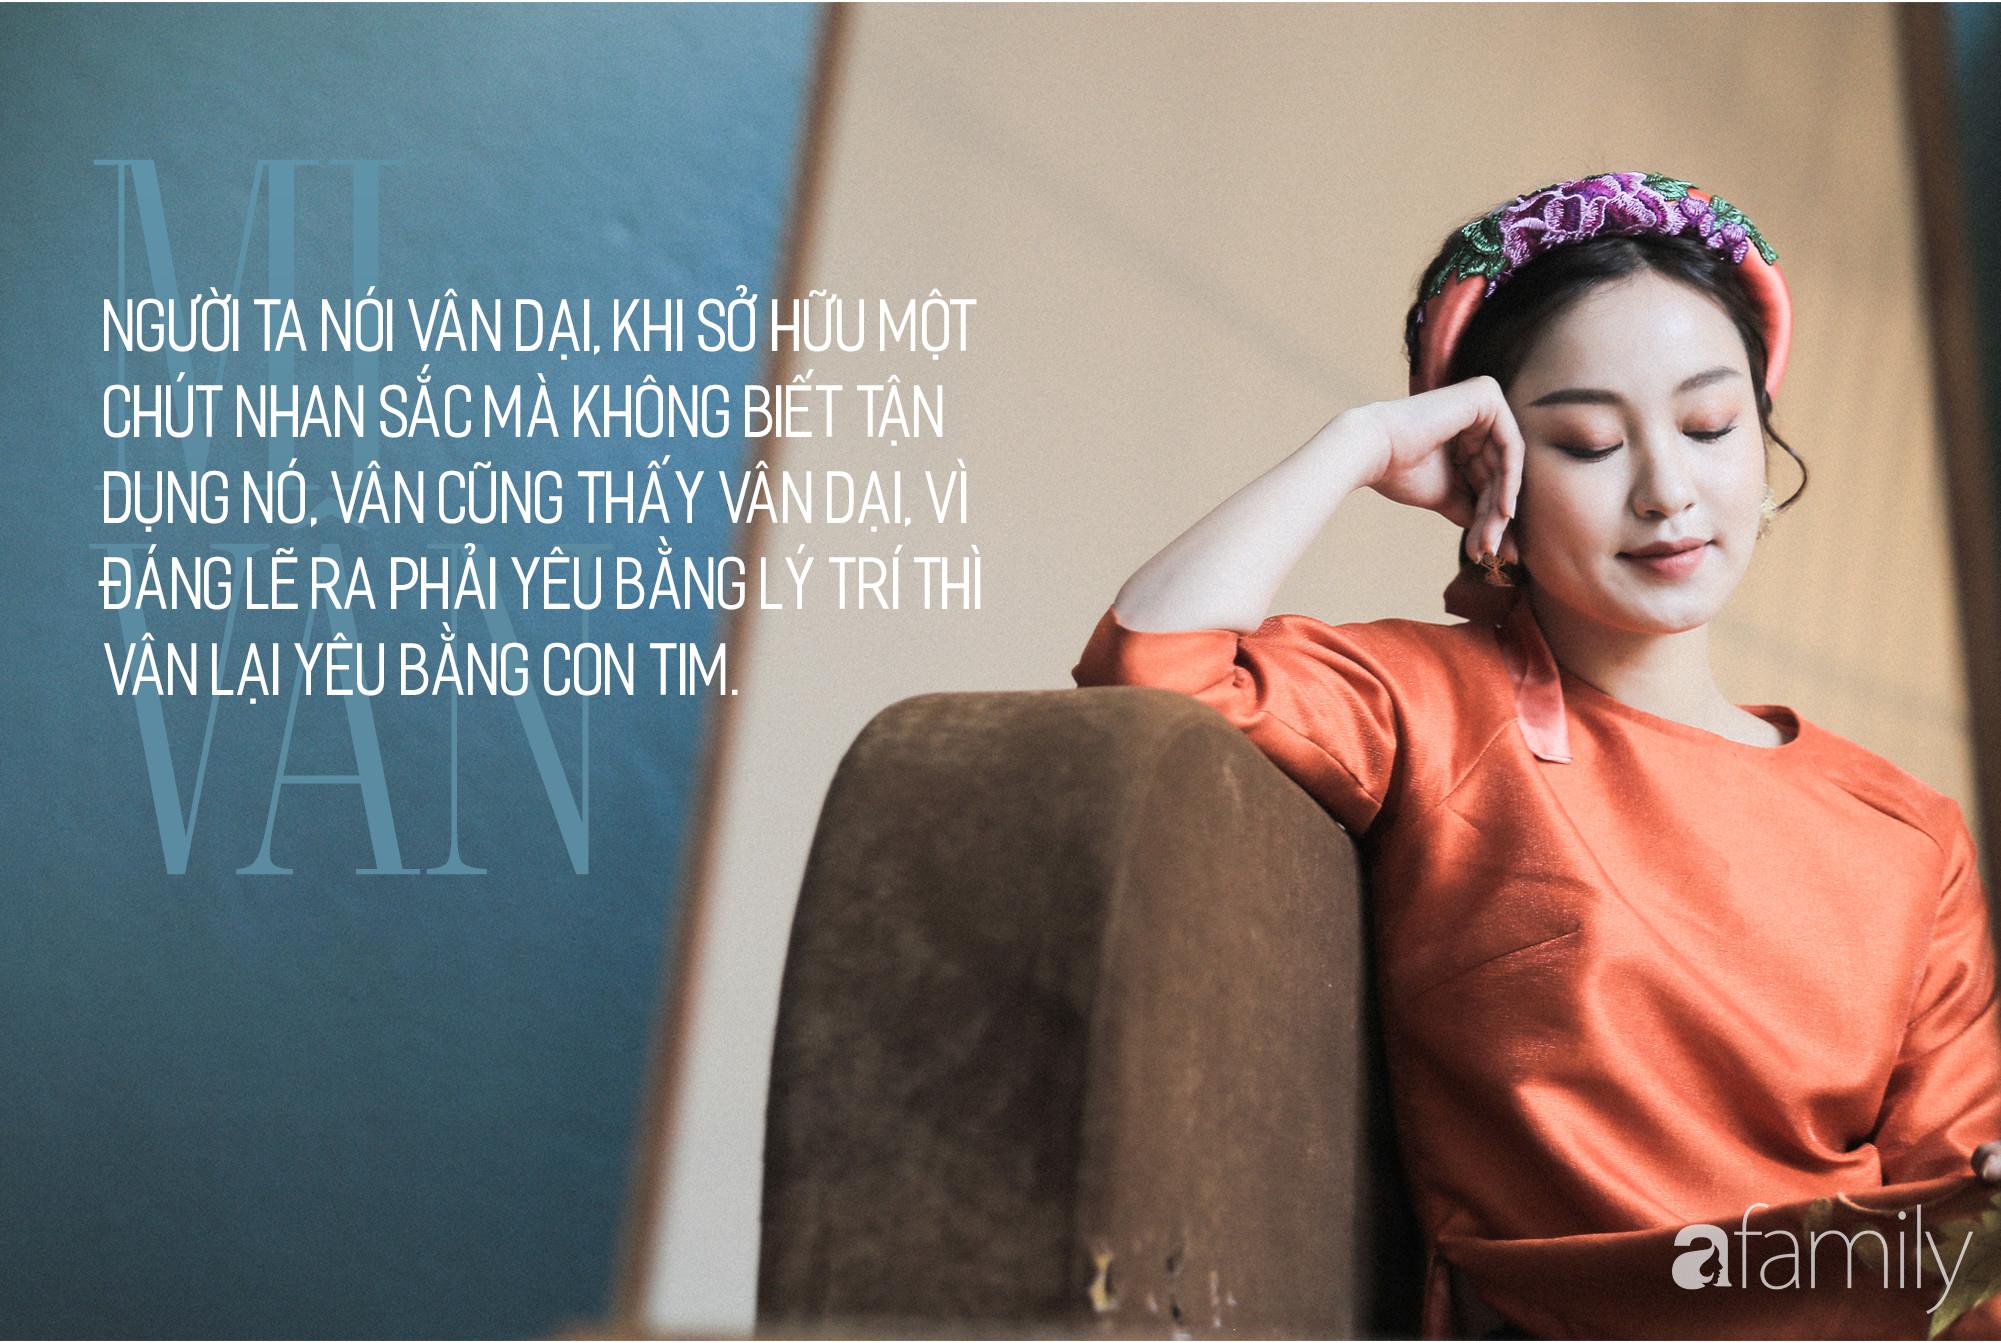 Mi Vân - Cô gái năm ấy chúng ta cùng theo đuổi: Đáng lẽ phải yêu bằng lý trí, thì lại yêu bằng con tim - Ảnh 5.